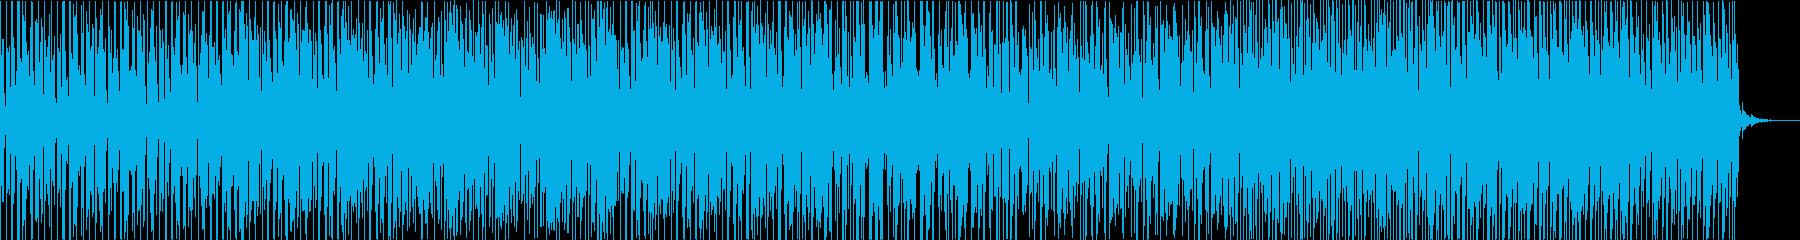 ニュース/説明などのバックに使えるBGMの再生済みの波形